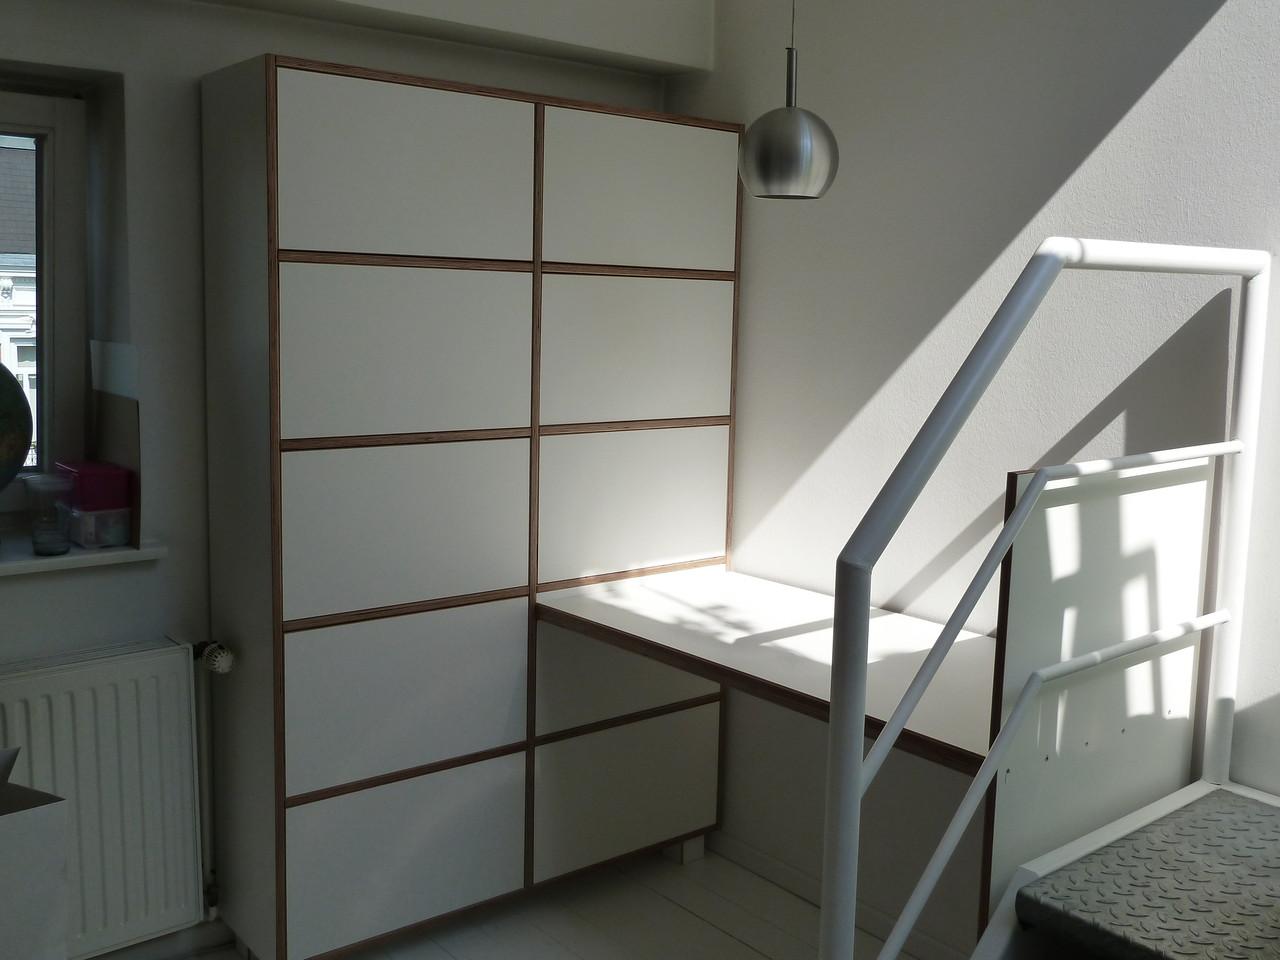 Schreibtischecke mit Schrank-Fächer, push to open Öffnung, Material: Multiplex-weiß beschichtet